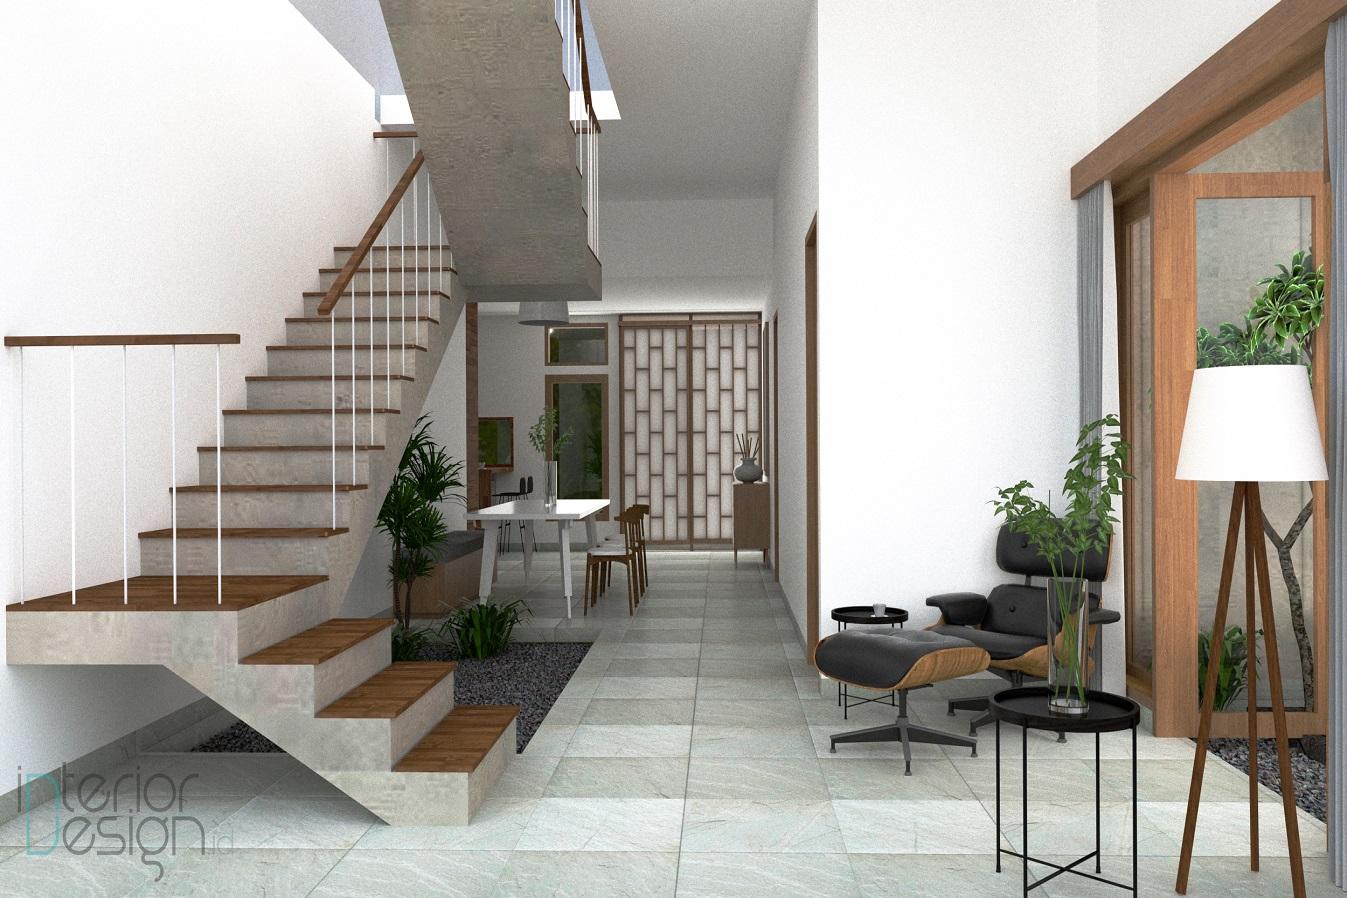 jasa desain interior rumah bandung;jasa desain rumah full service